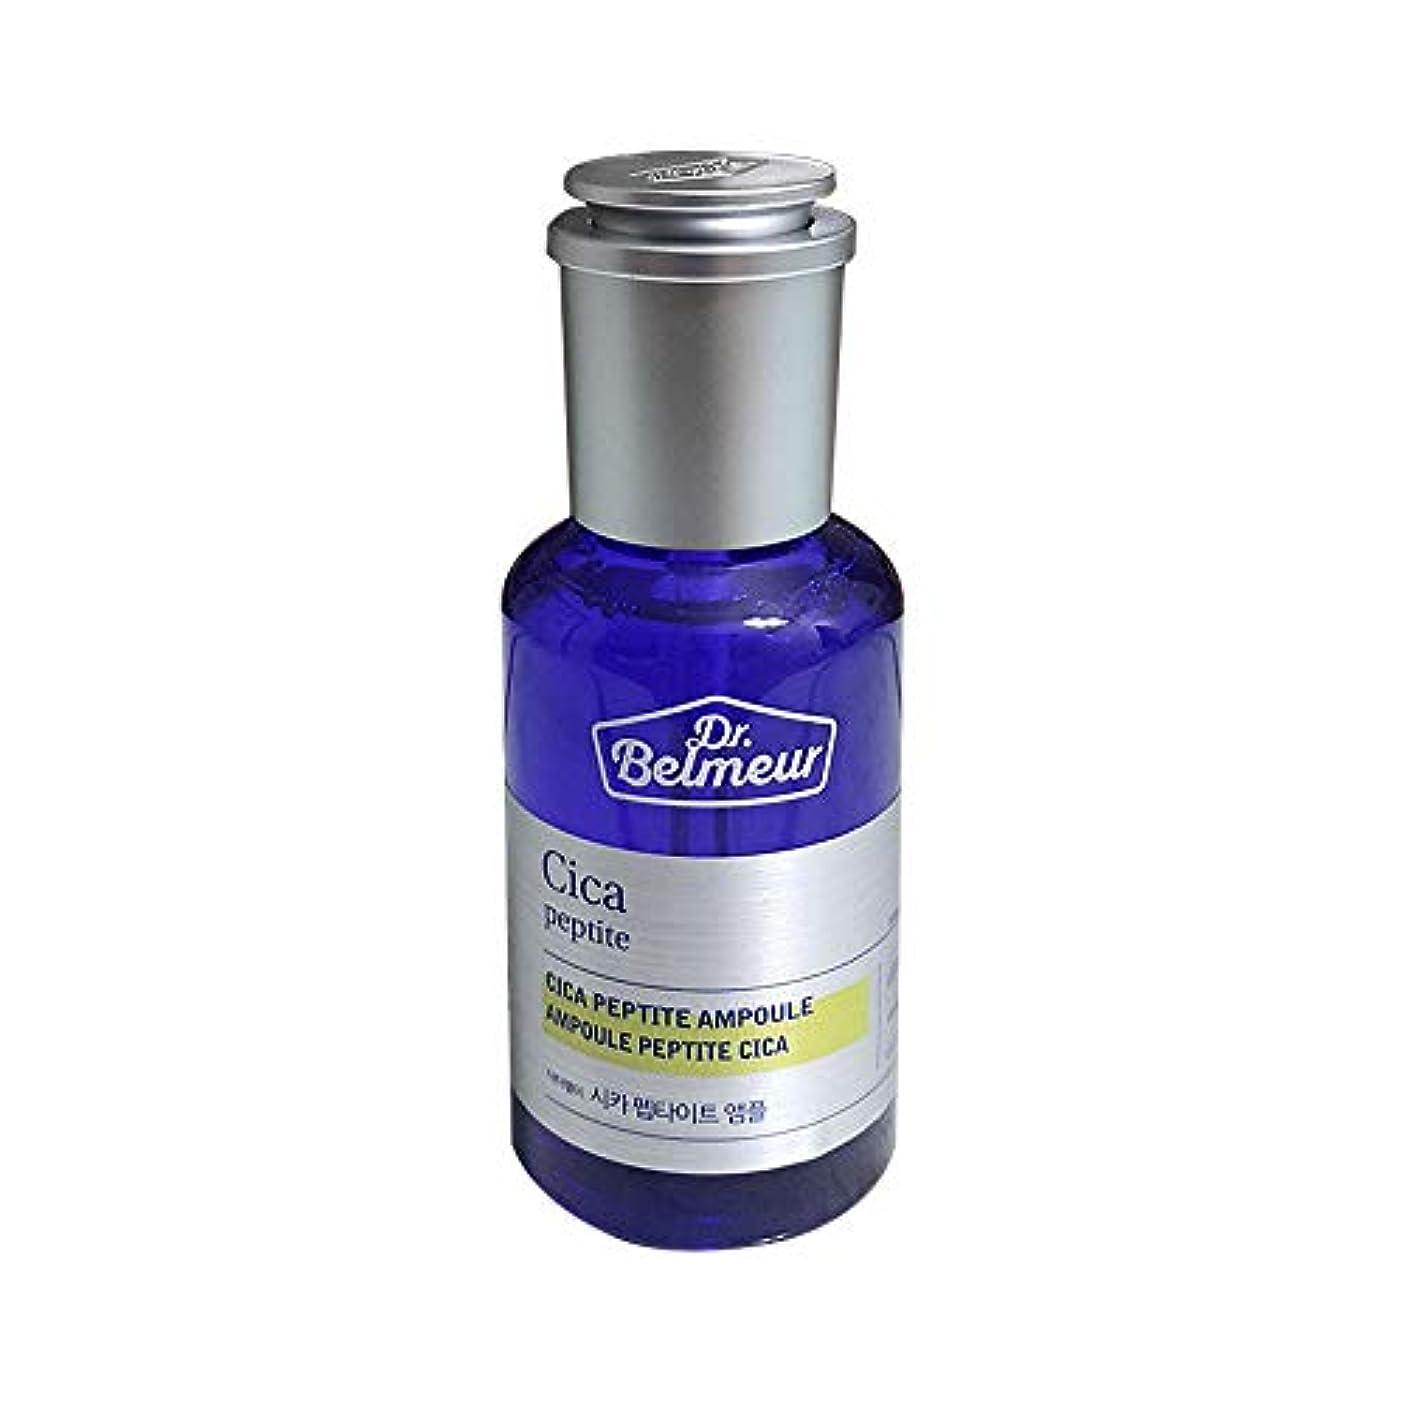 アクセシブル執着触覚[ザ・フェイスショップ]The Face Shopドクターベルメールシカペプタイトアンプル45ml Dr.Belmeur Cica Peptite Ampoule 45ml [海外直送品]